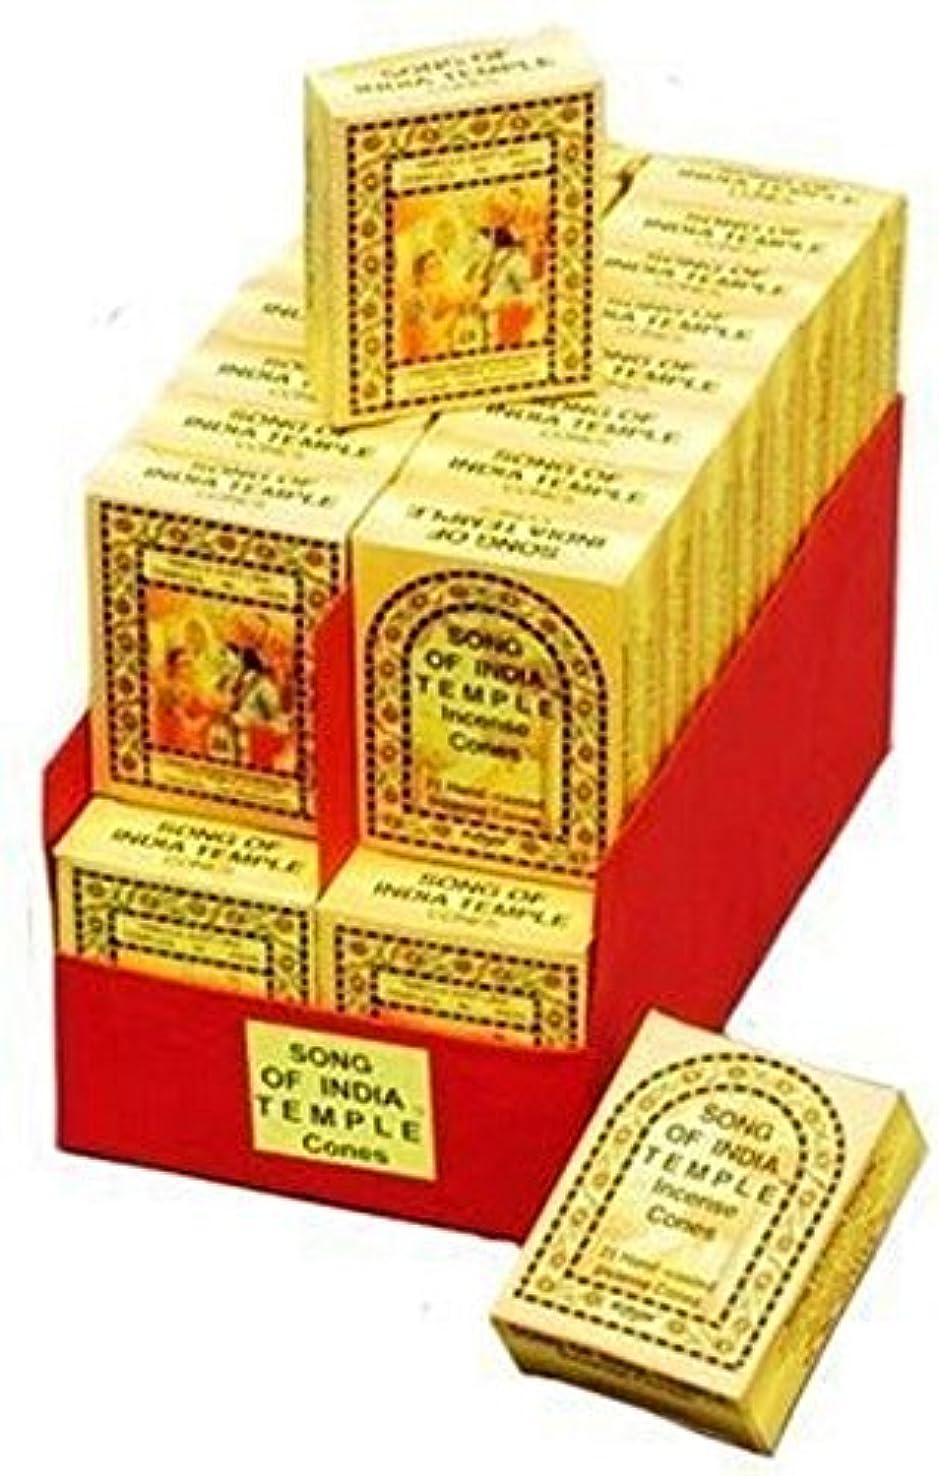 容赦ないロッド教室Song of India India Temple Incense - Cones - 5 Boxes(25/bx) by Song of India